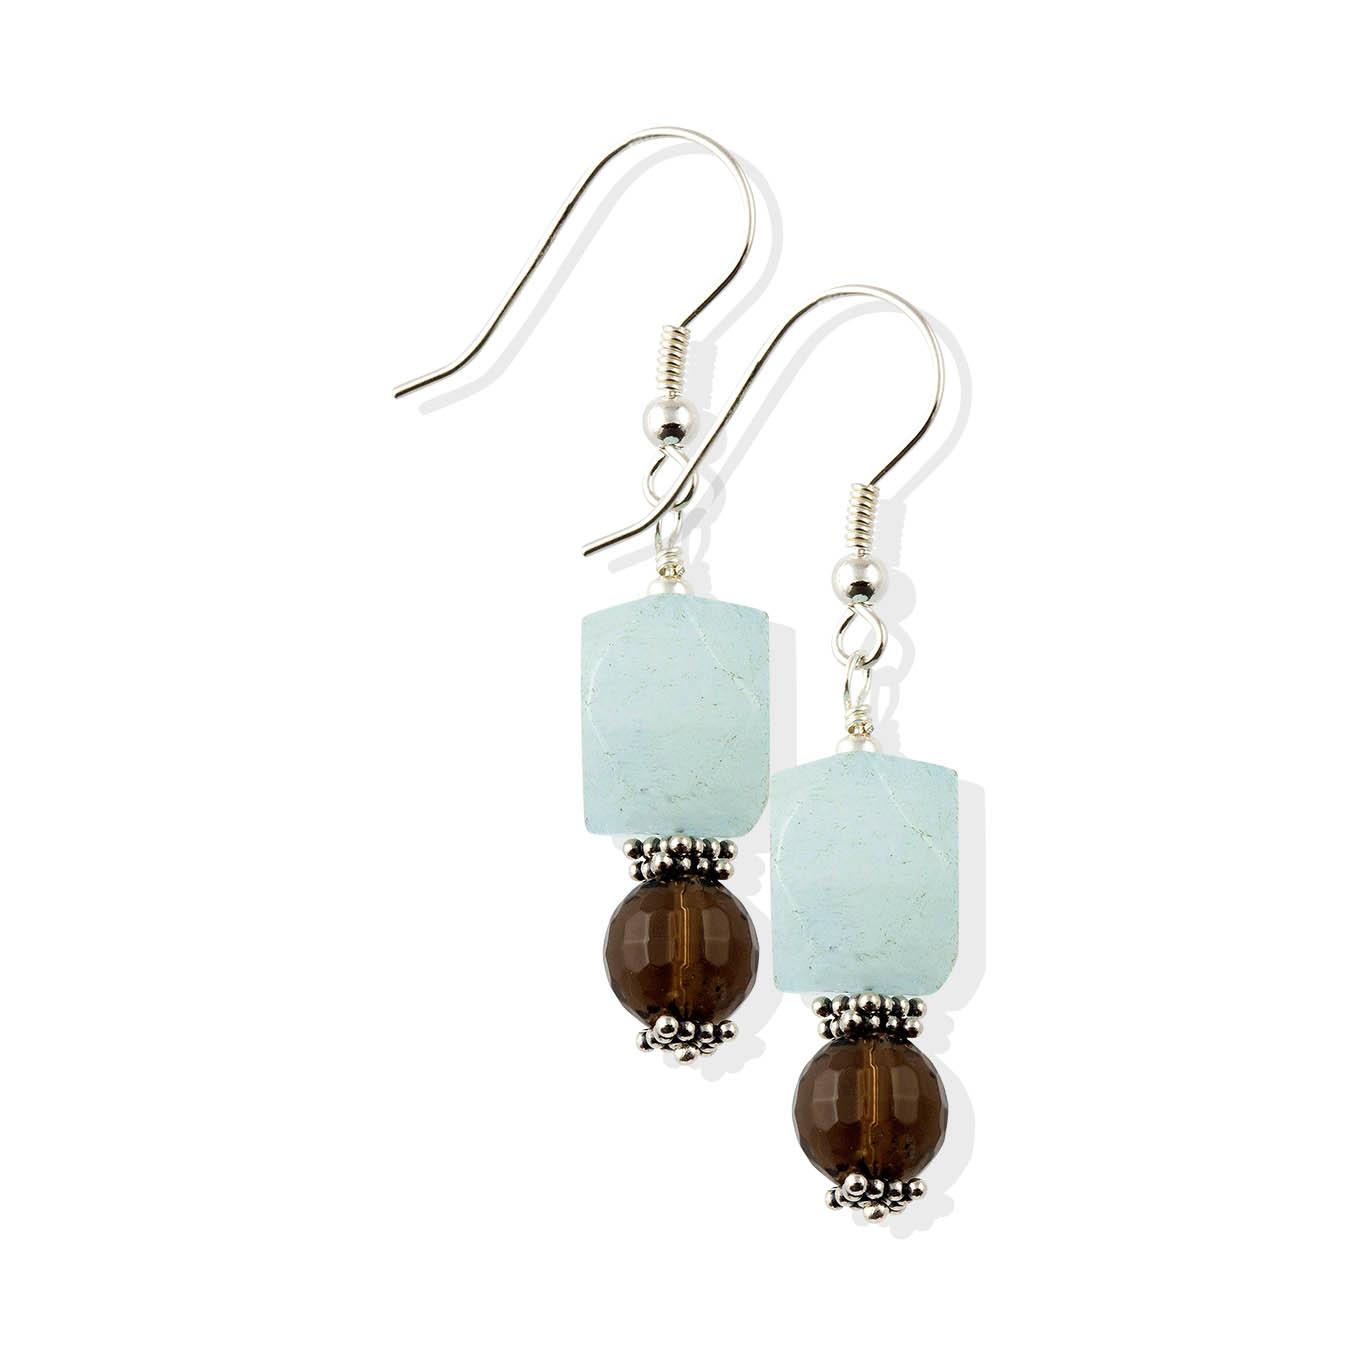 Beaded jewelry necklace made of semiprecious aquamarine, smoky quartz